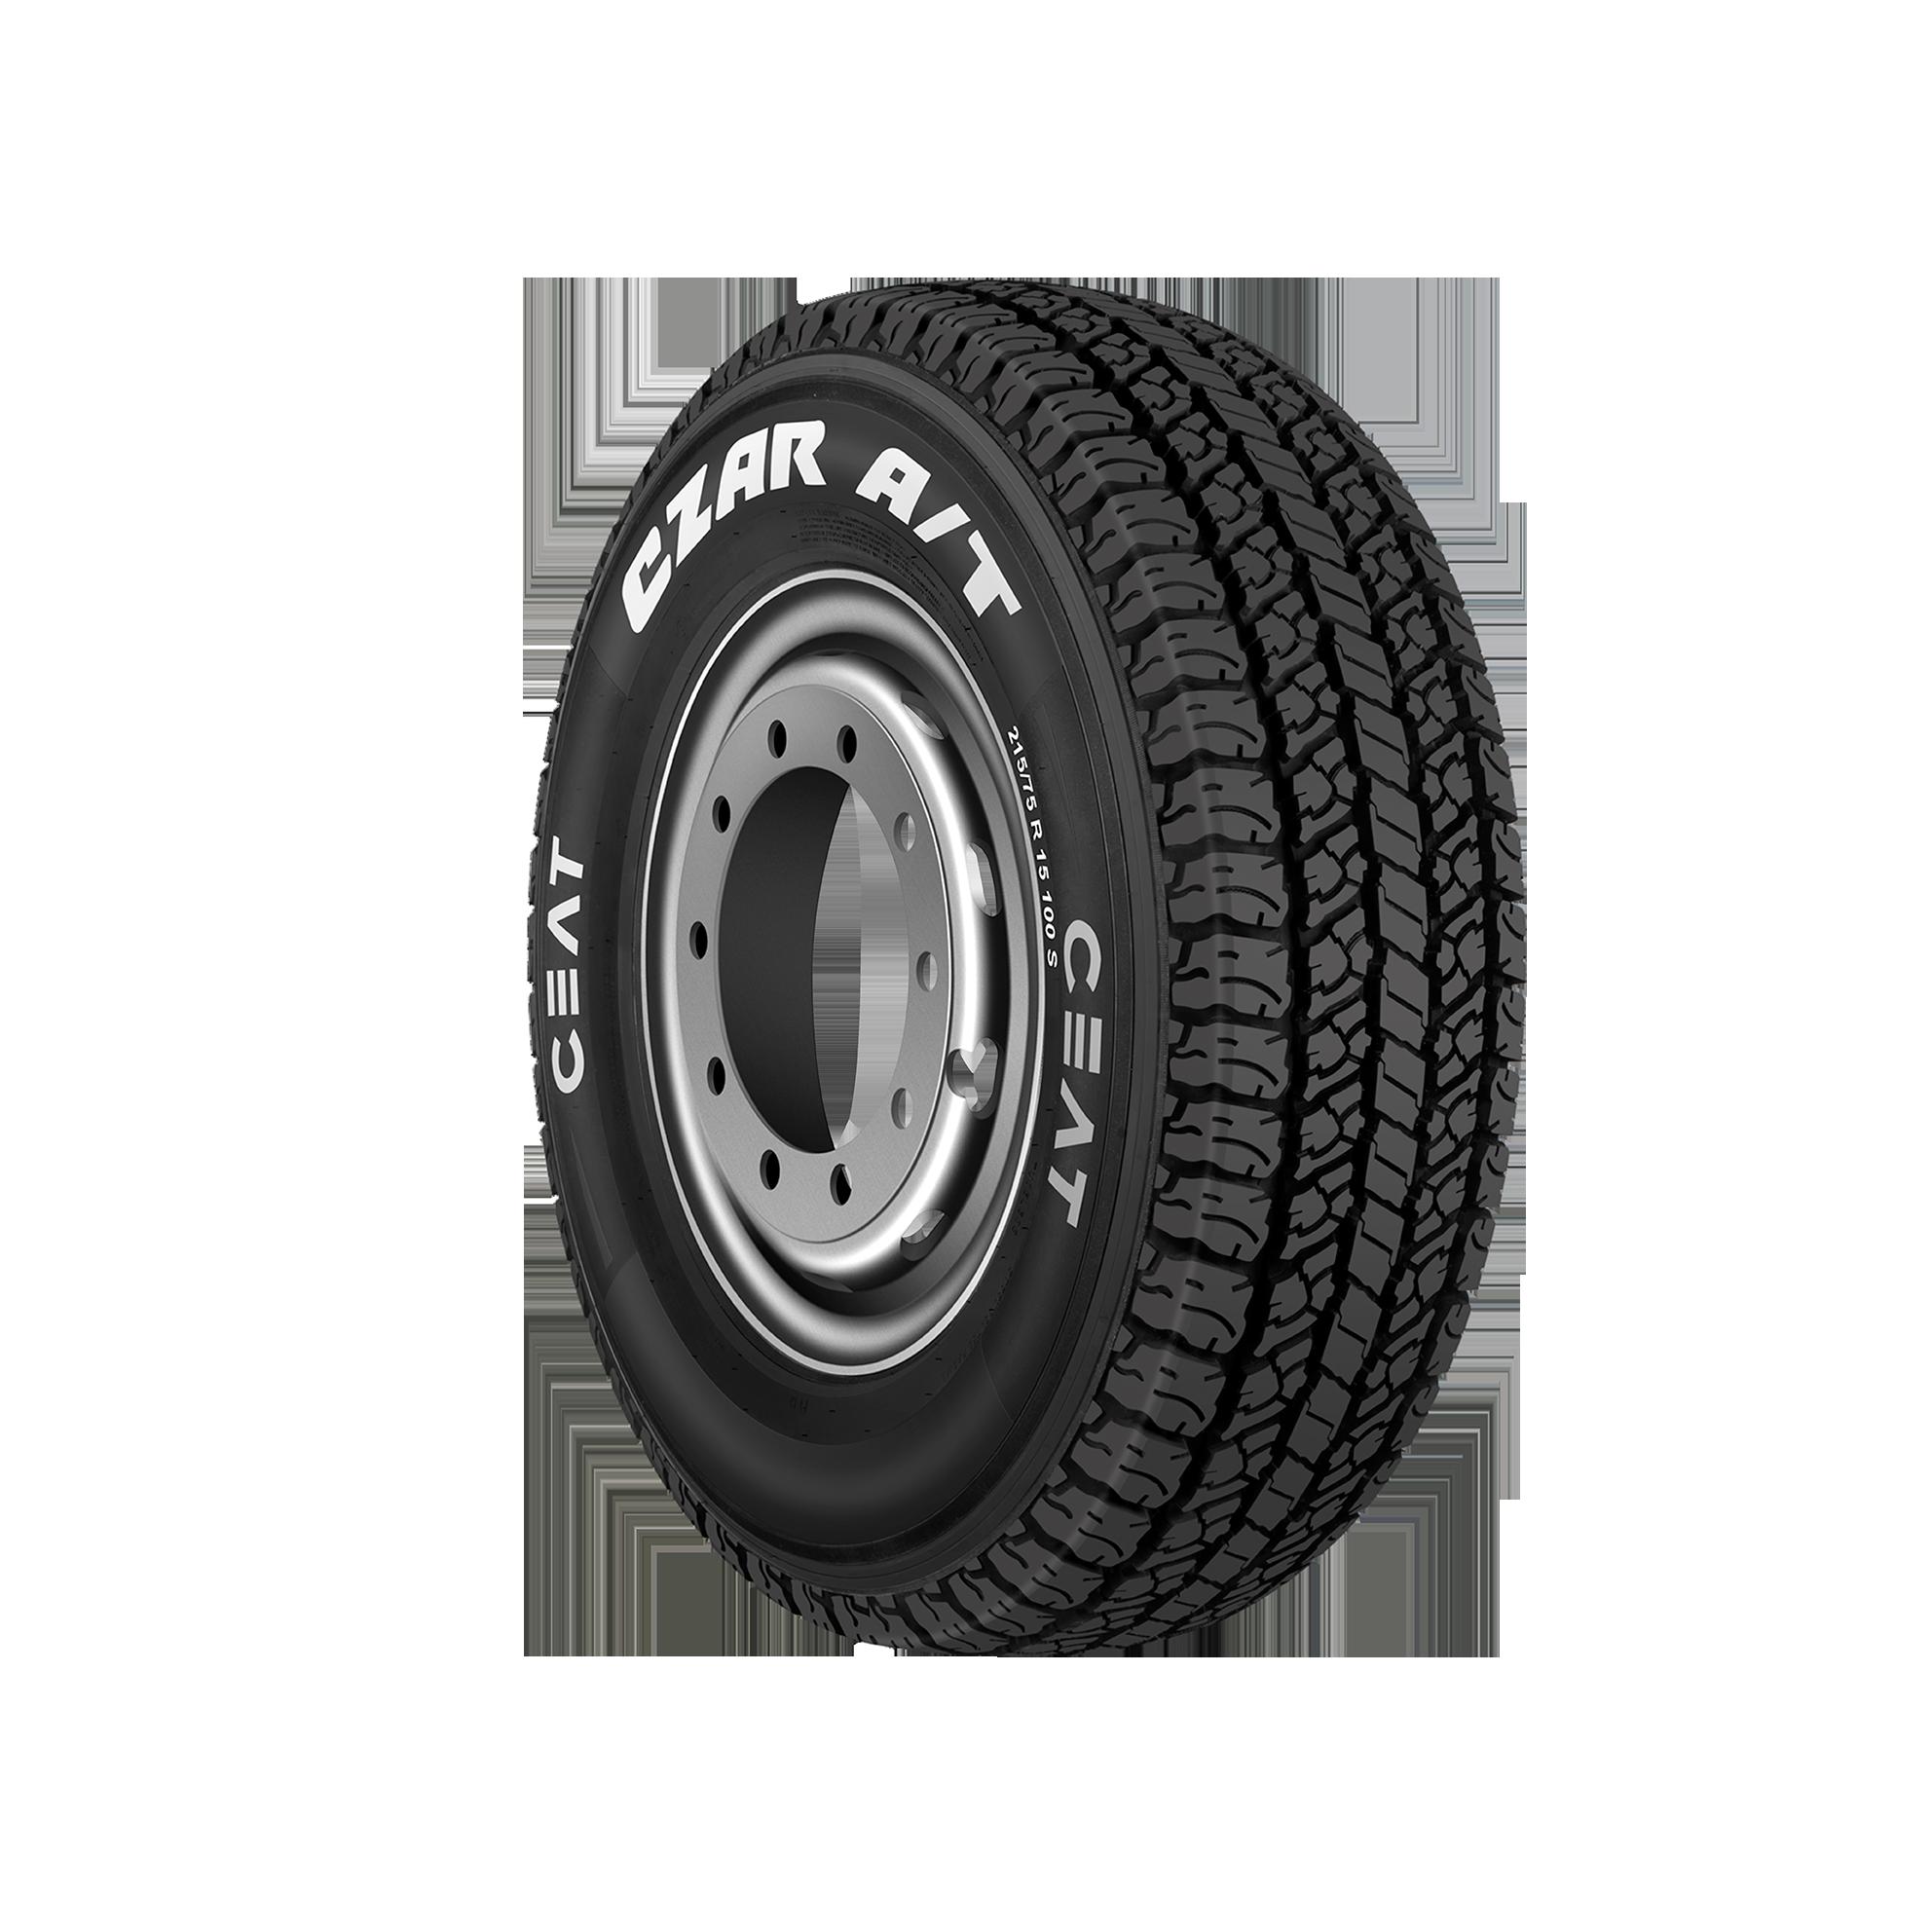 Ceat Czar A/T 265/65 R 17 Tubeless 110 S Car Tyre